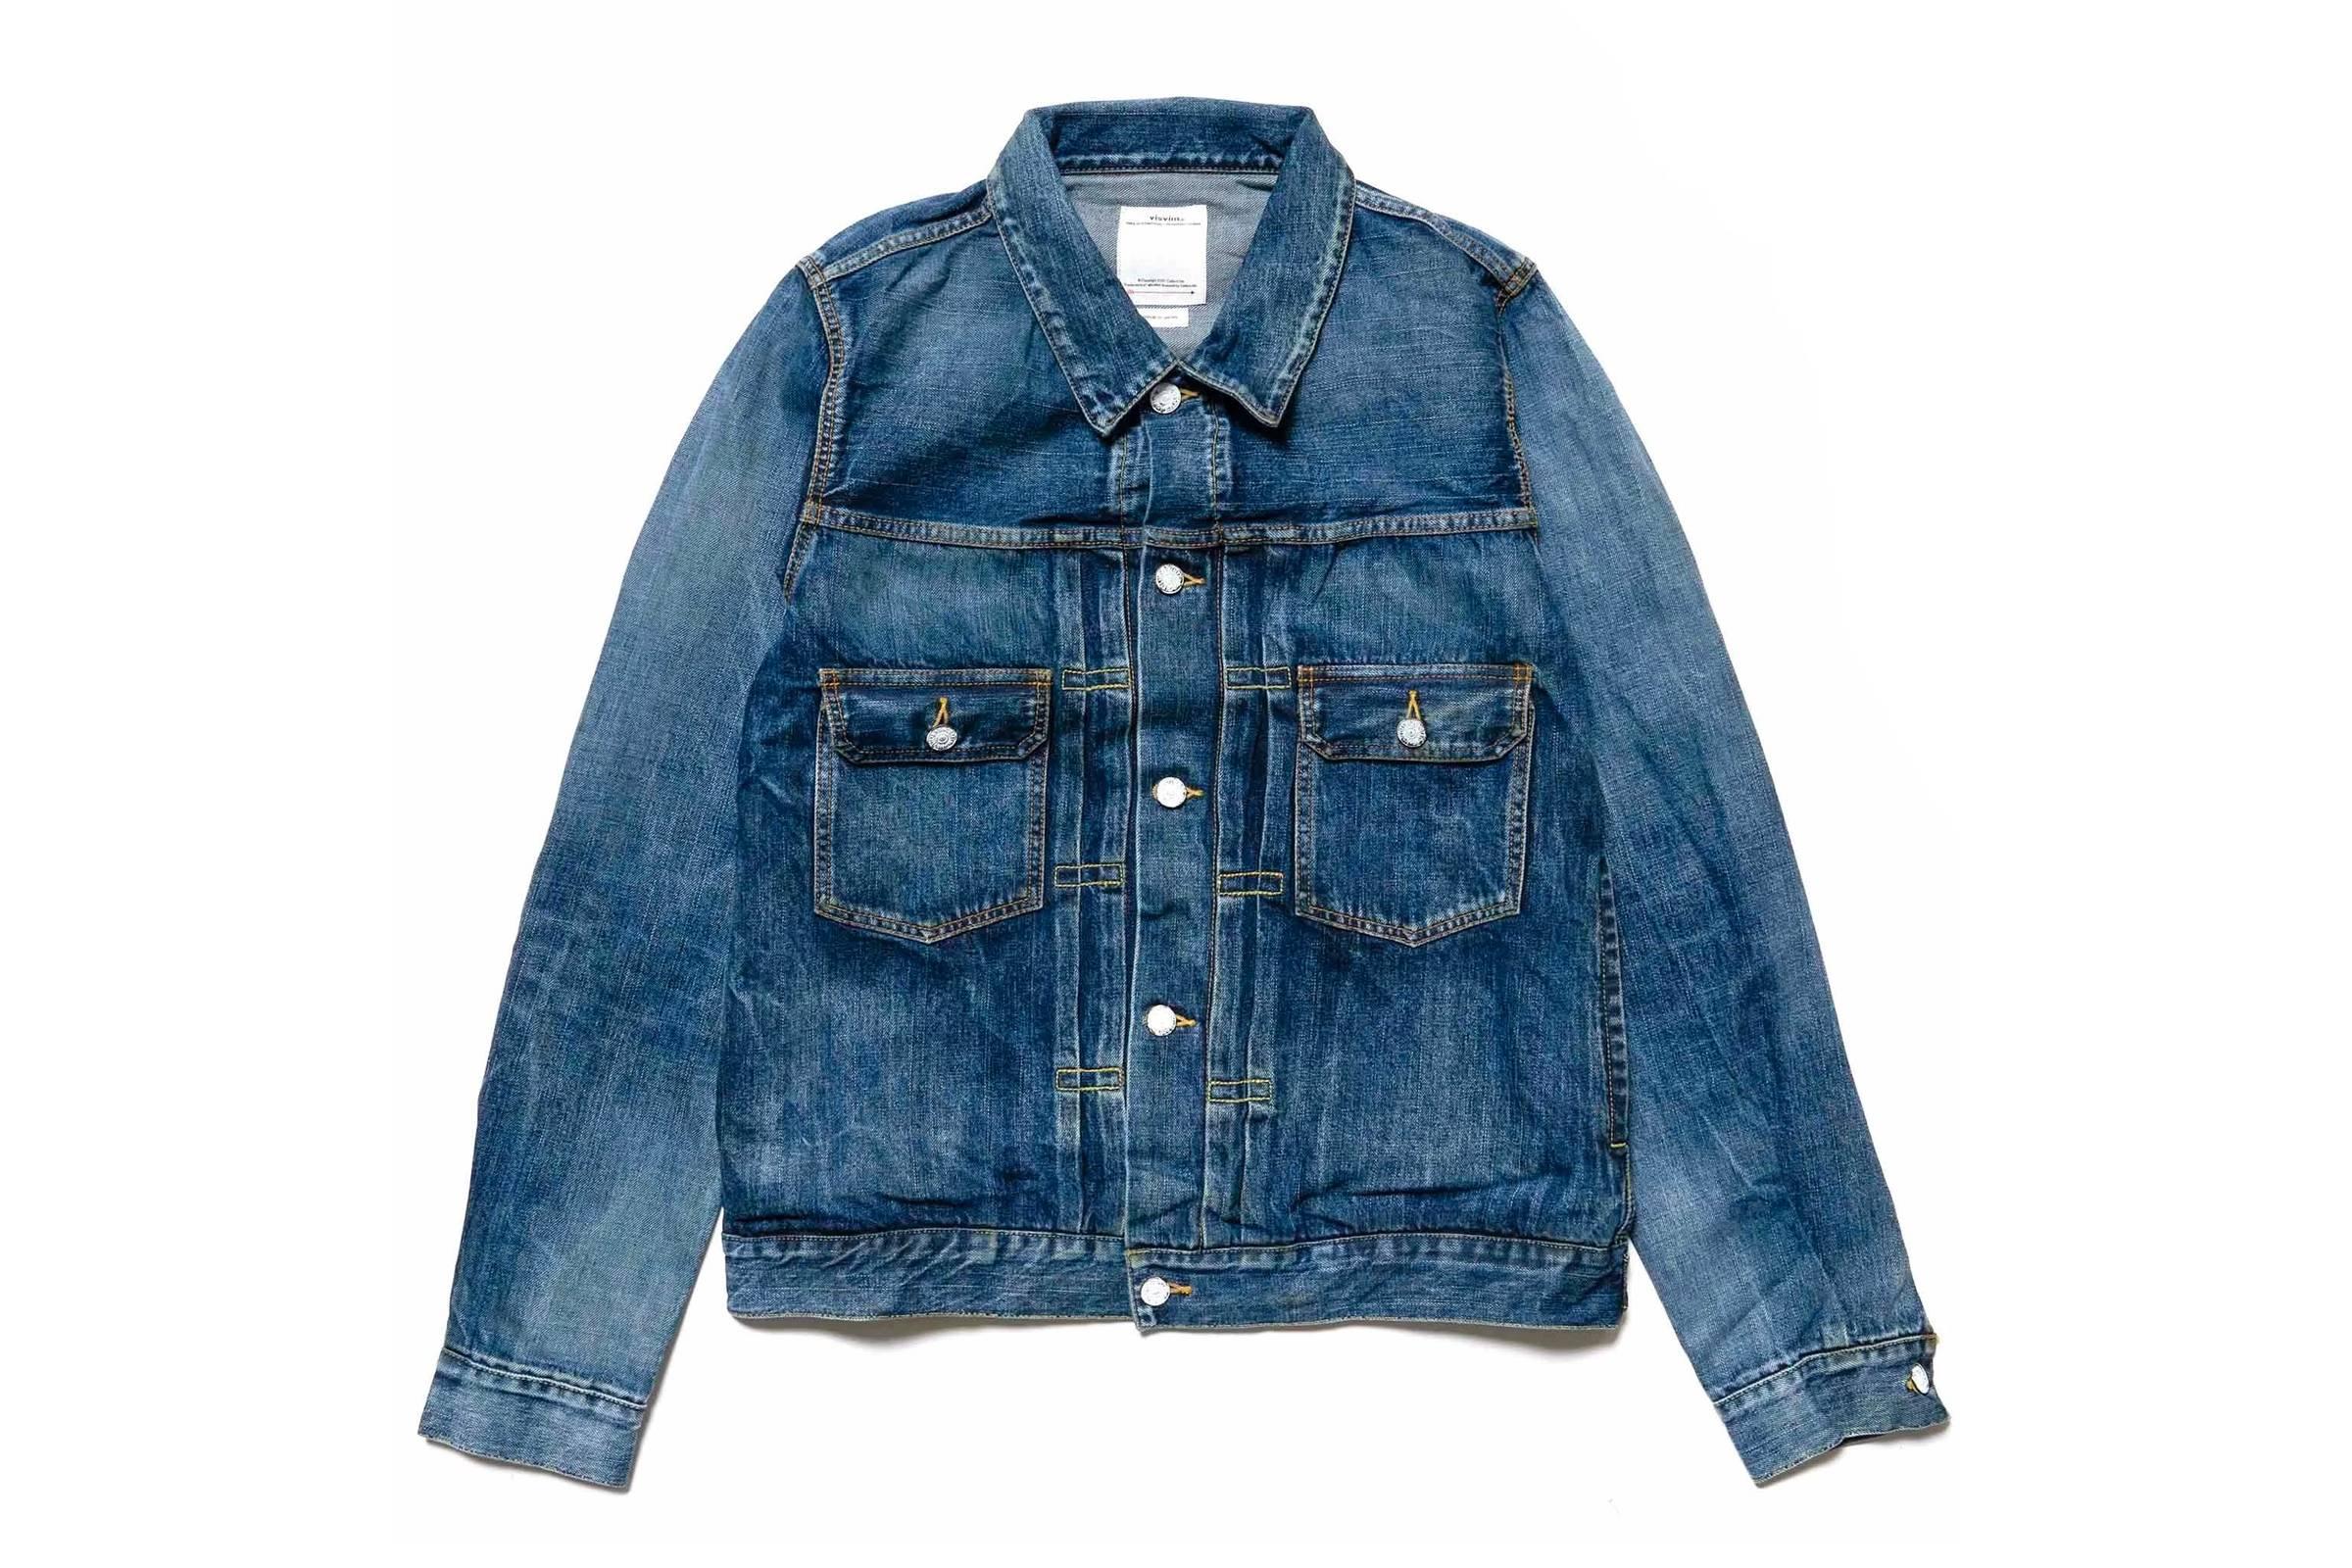 Visvim 101 Jacket Dry Denim